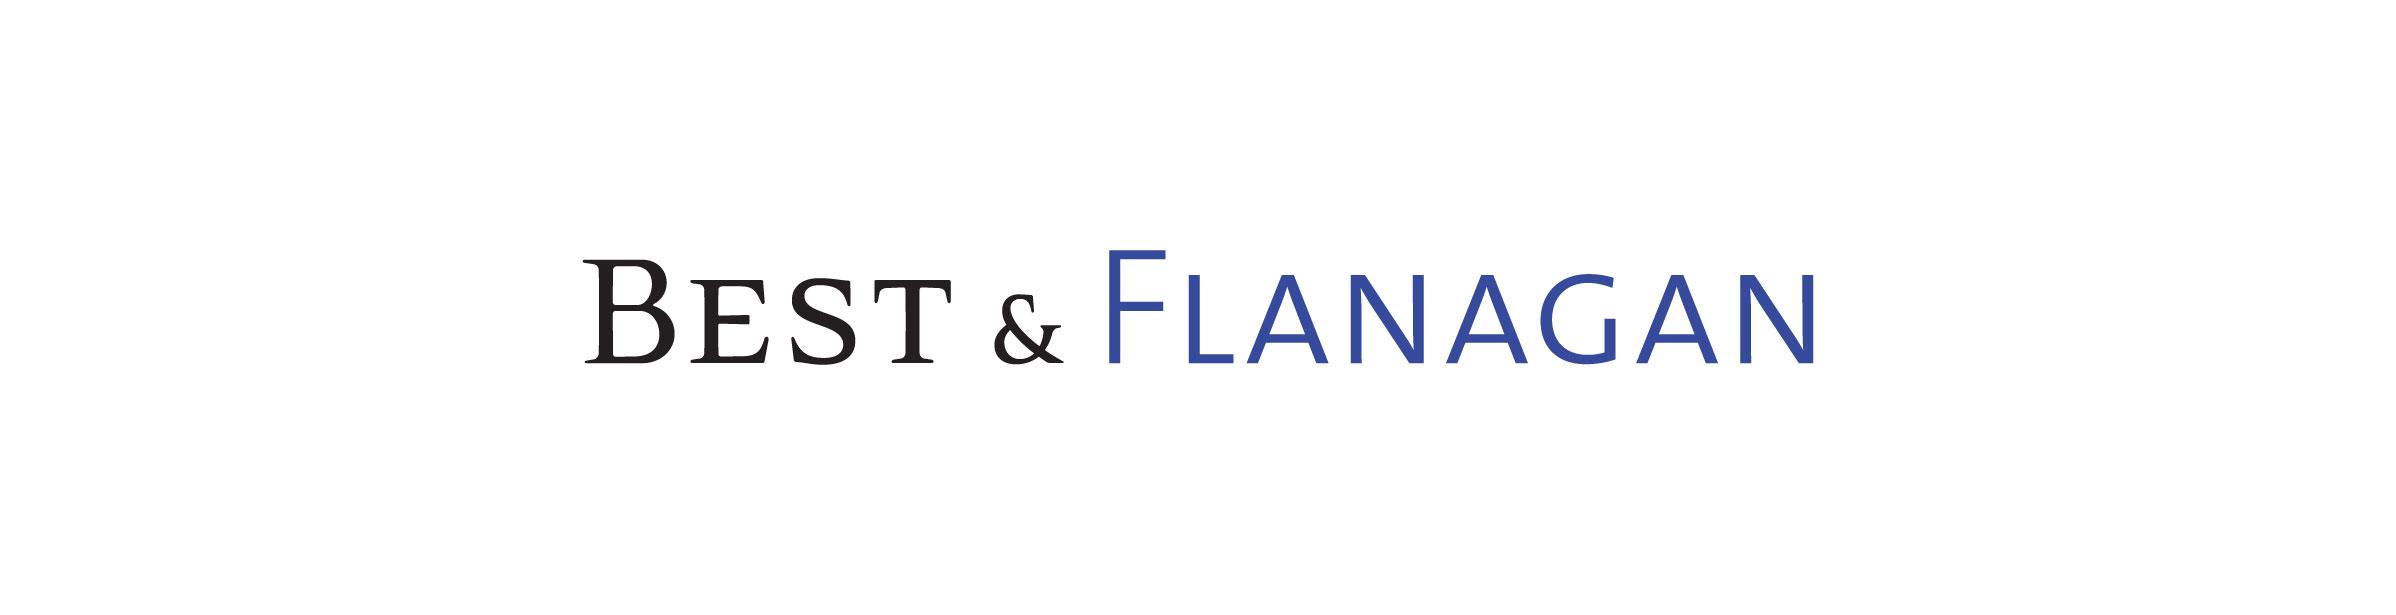 Best & Flanagan